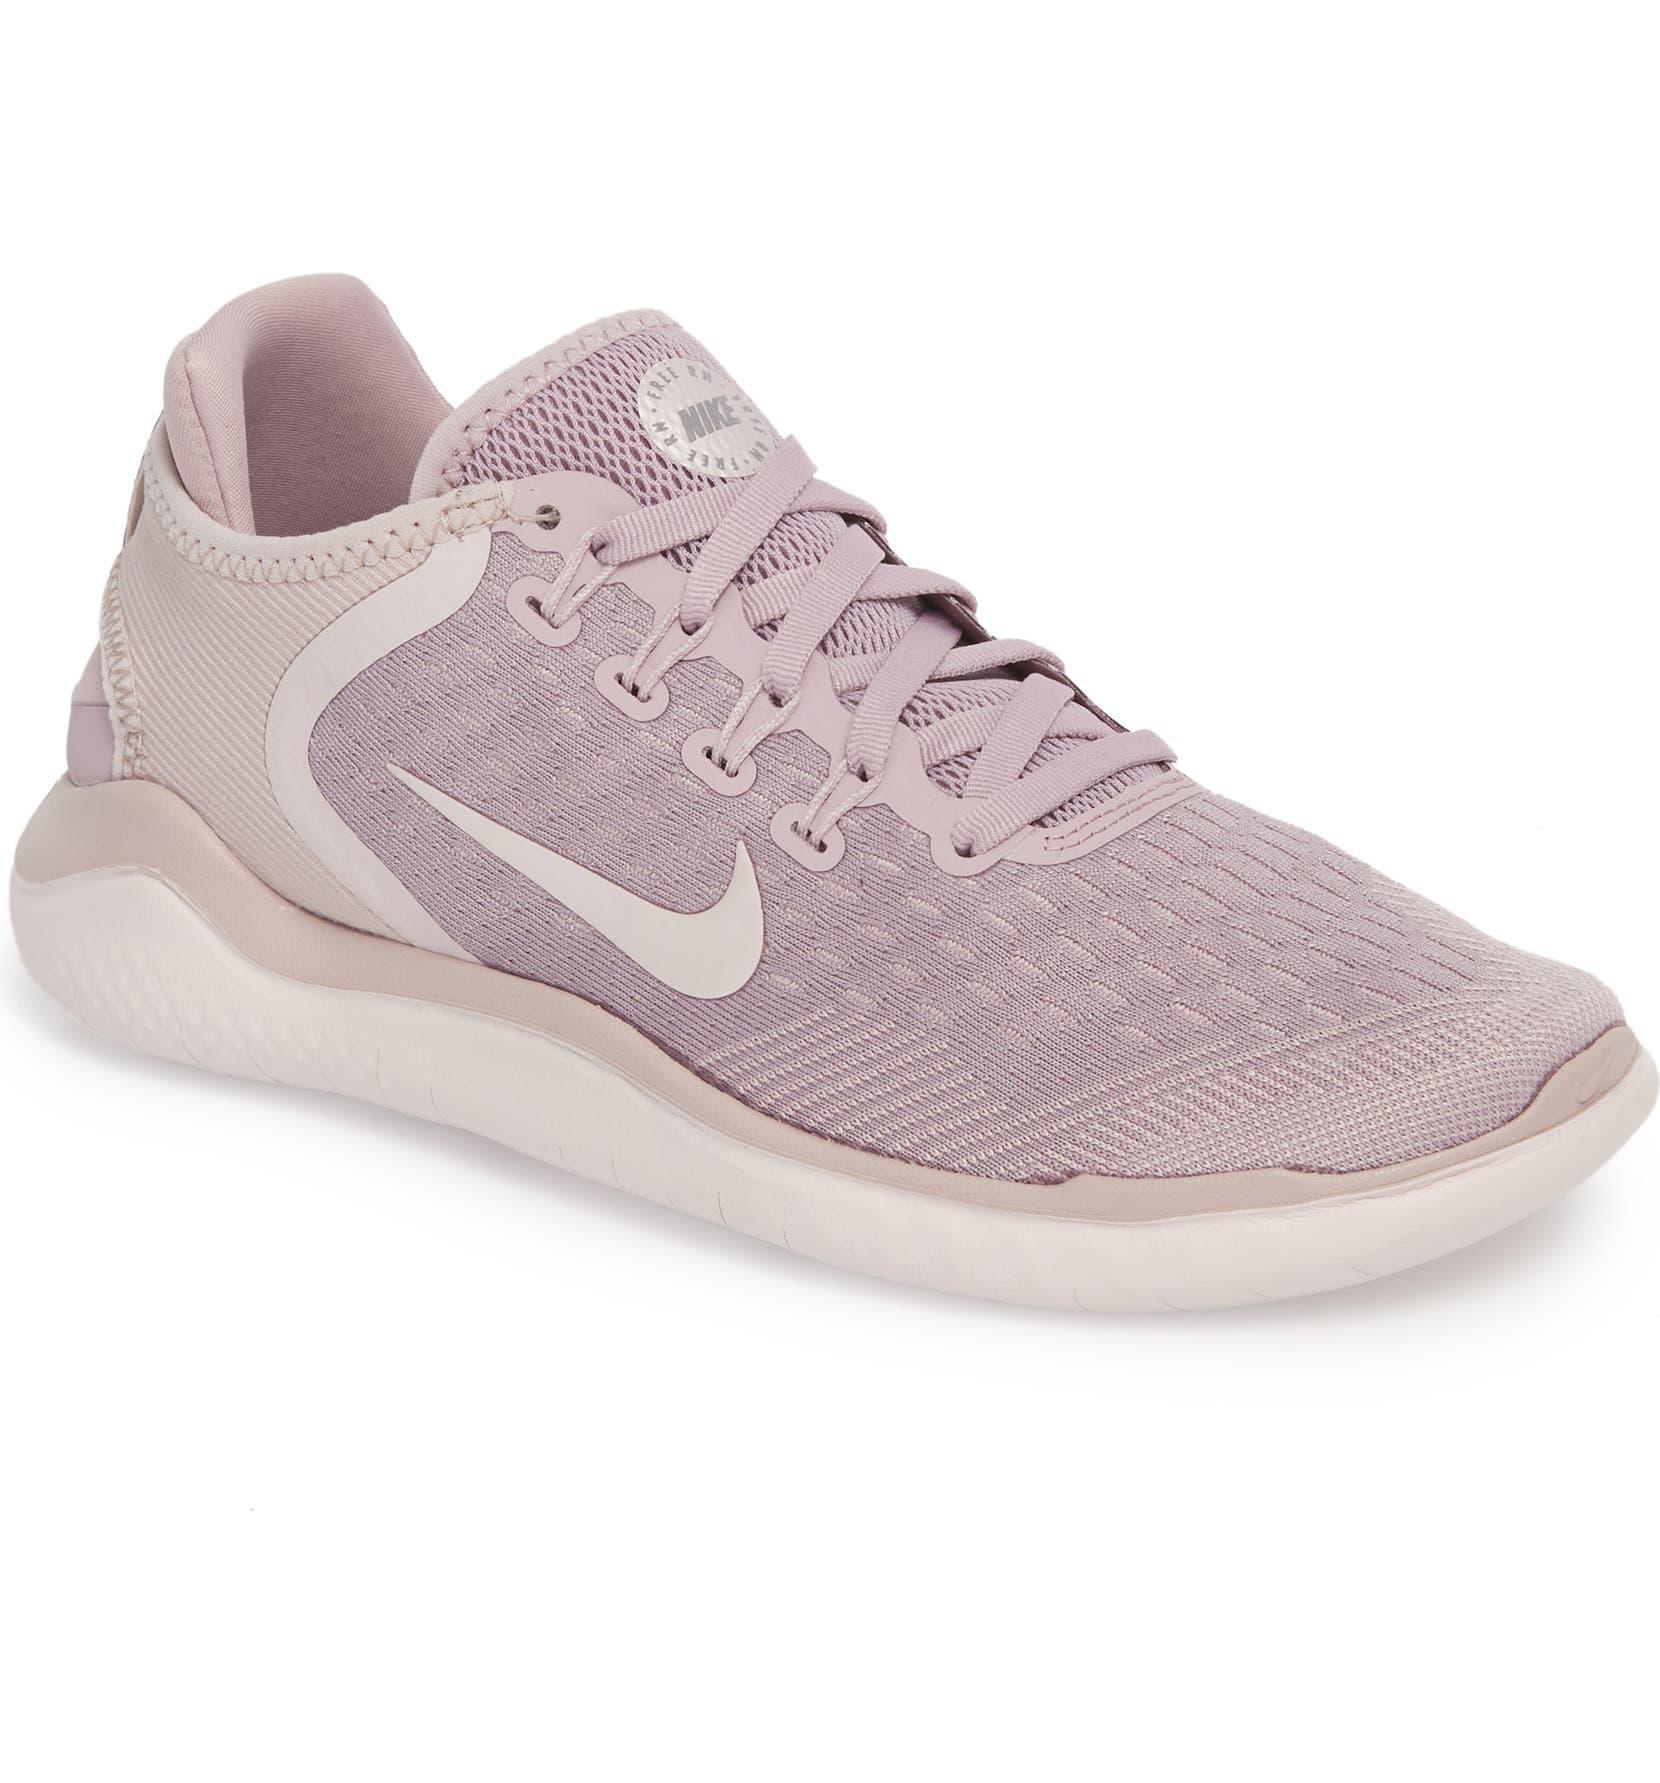 2442d4cd21e Nike Free RN 2018 Running Shoe (Women)